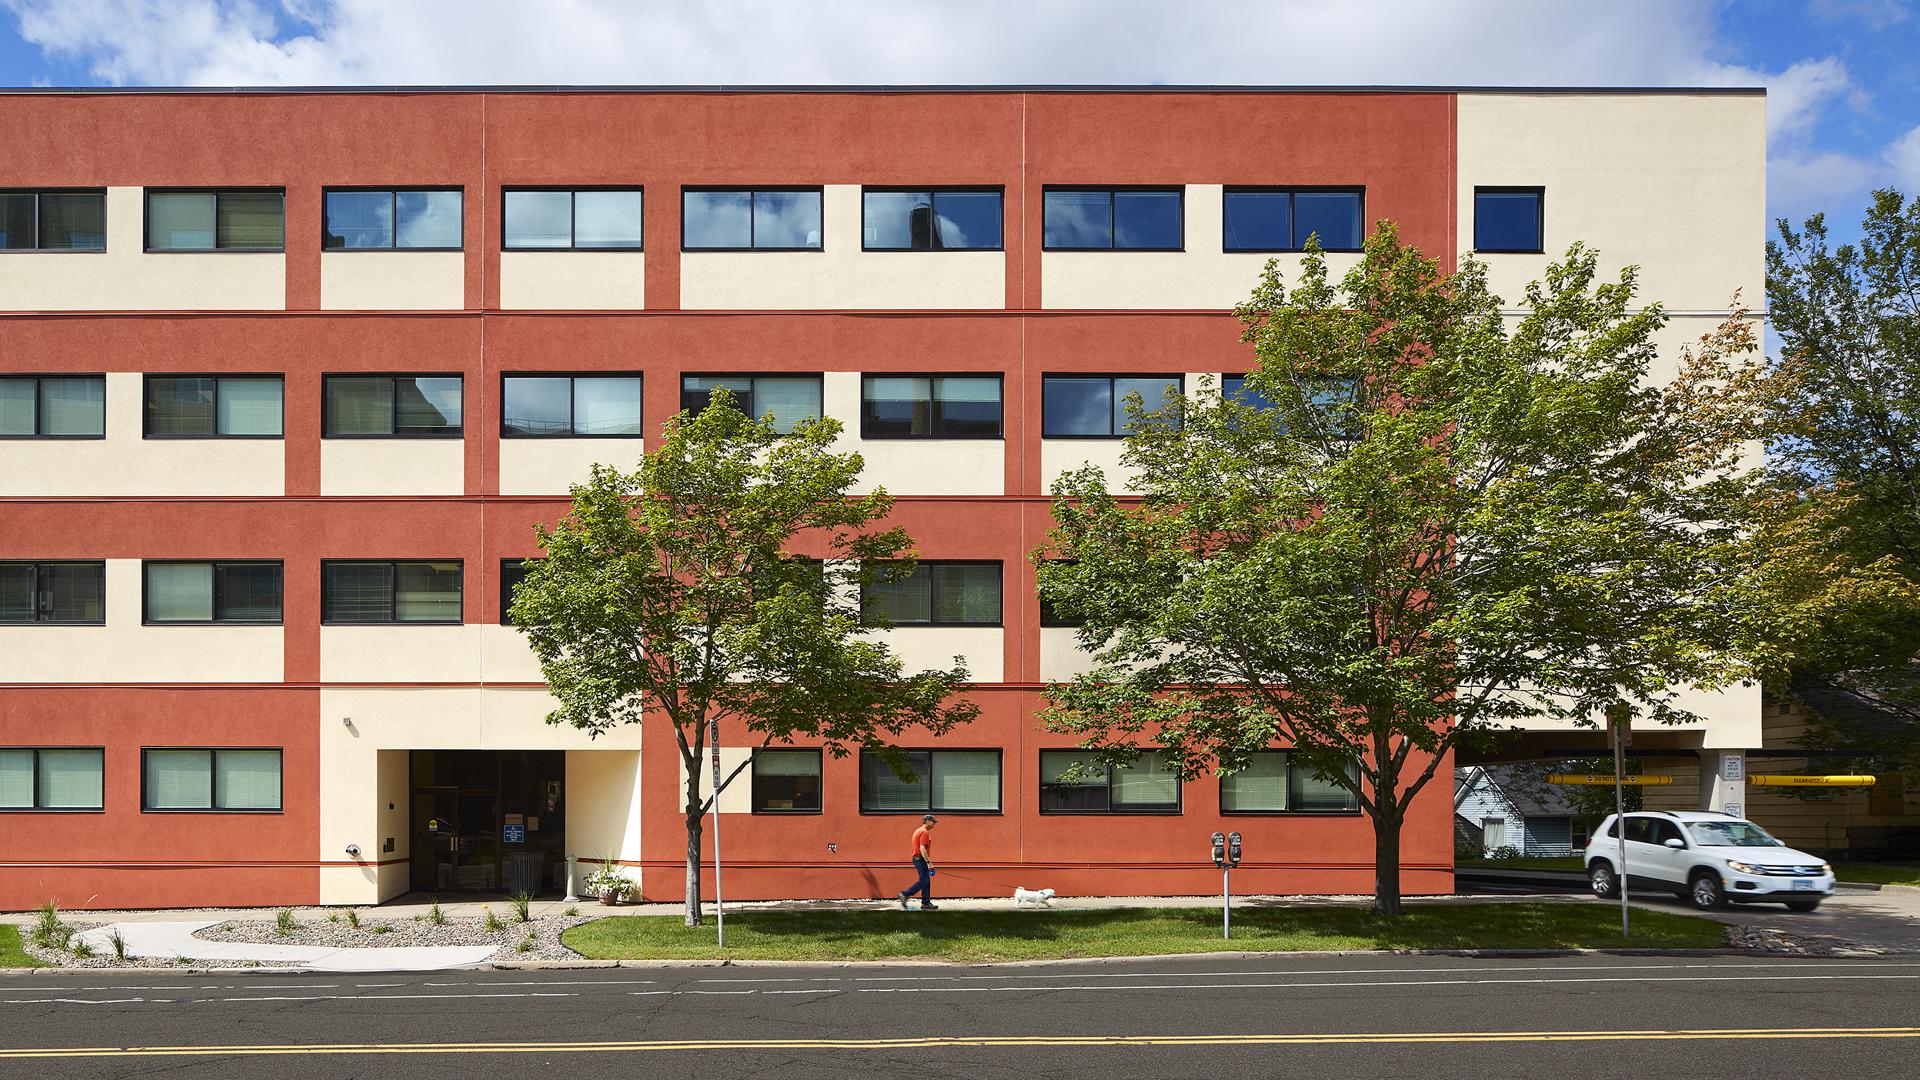 555 Park Office Building St Paul MN Exterior Entrance View